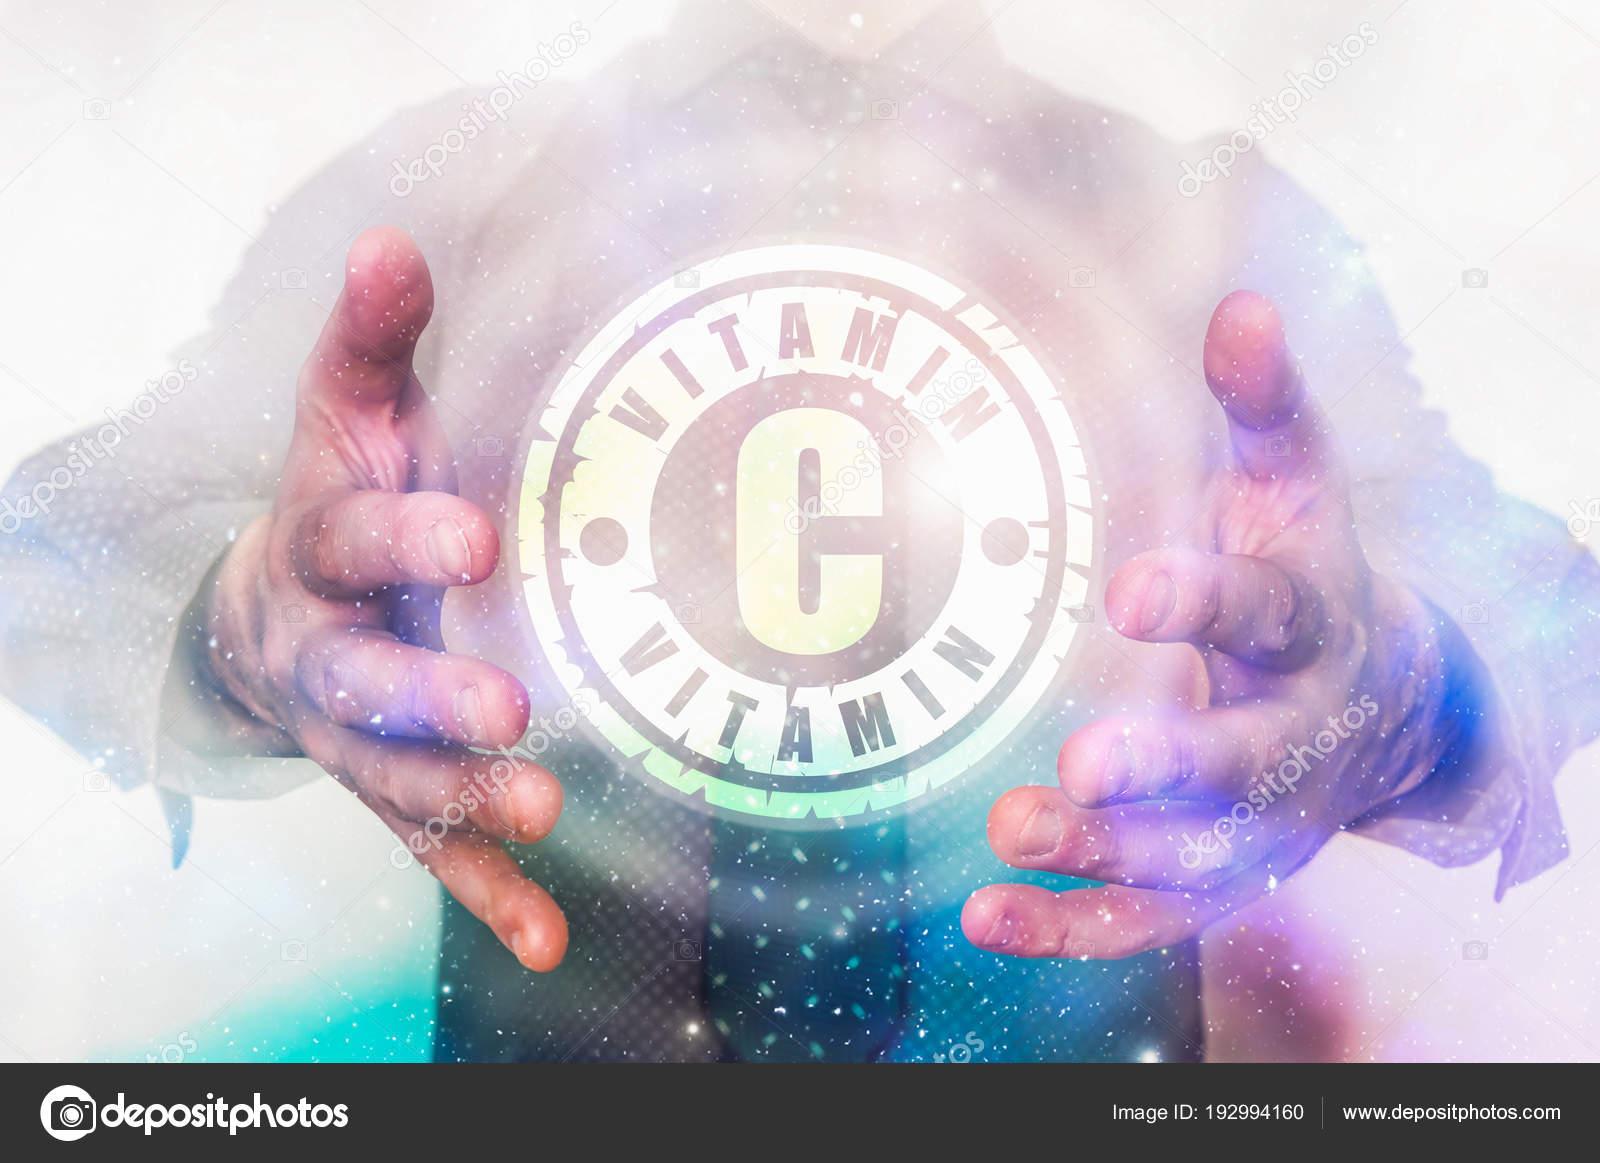 Man Is Showing Vitamin C Symbol Between His Hands Stock Photo